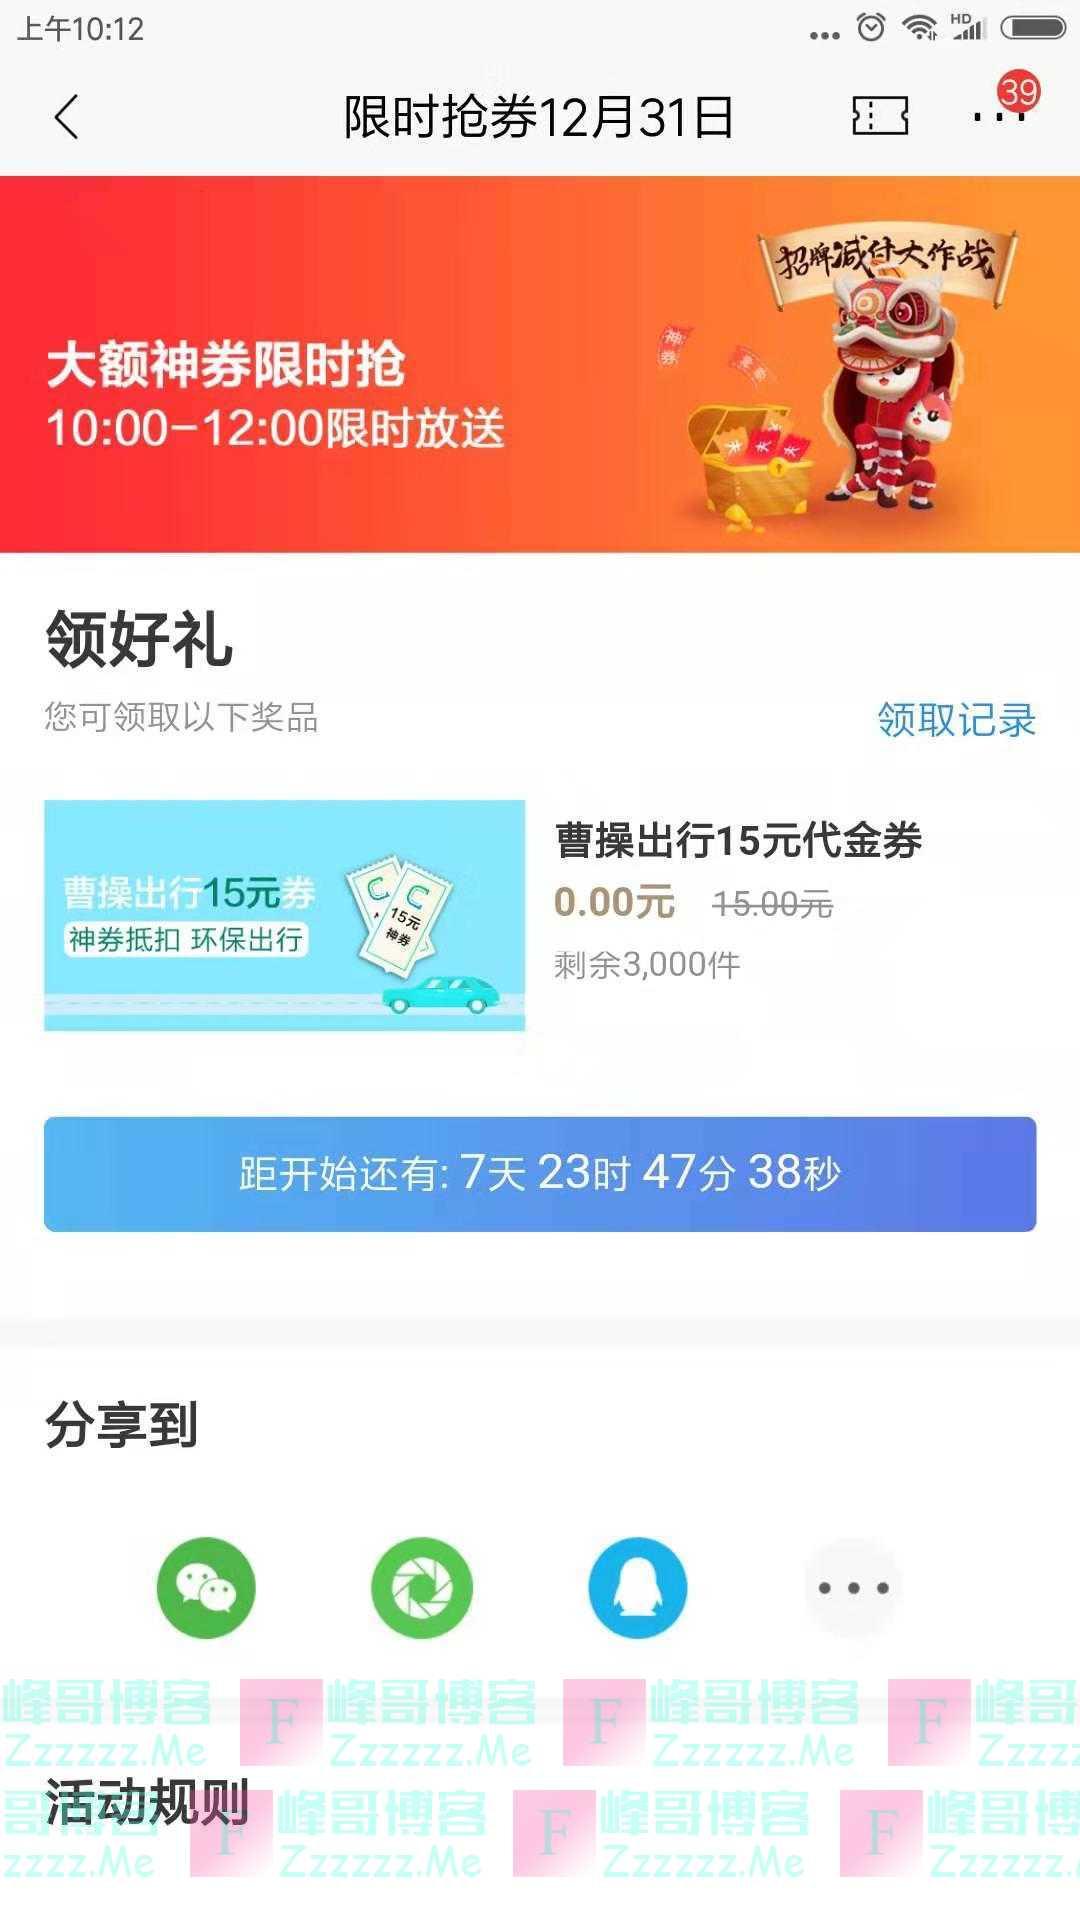 招行12.31抢曹操出行15元代金券(截止12月31日)